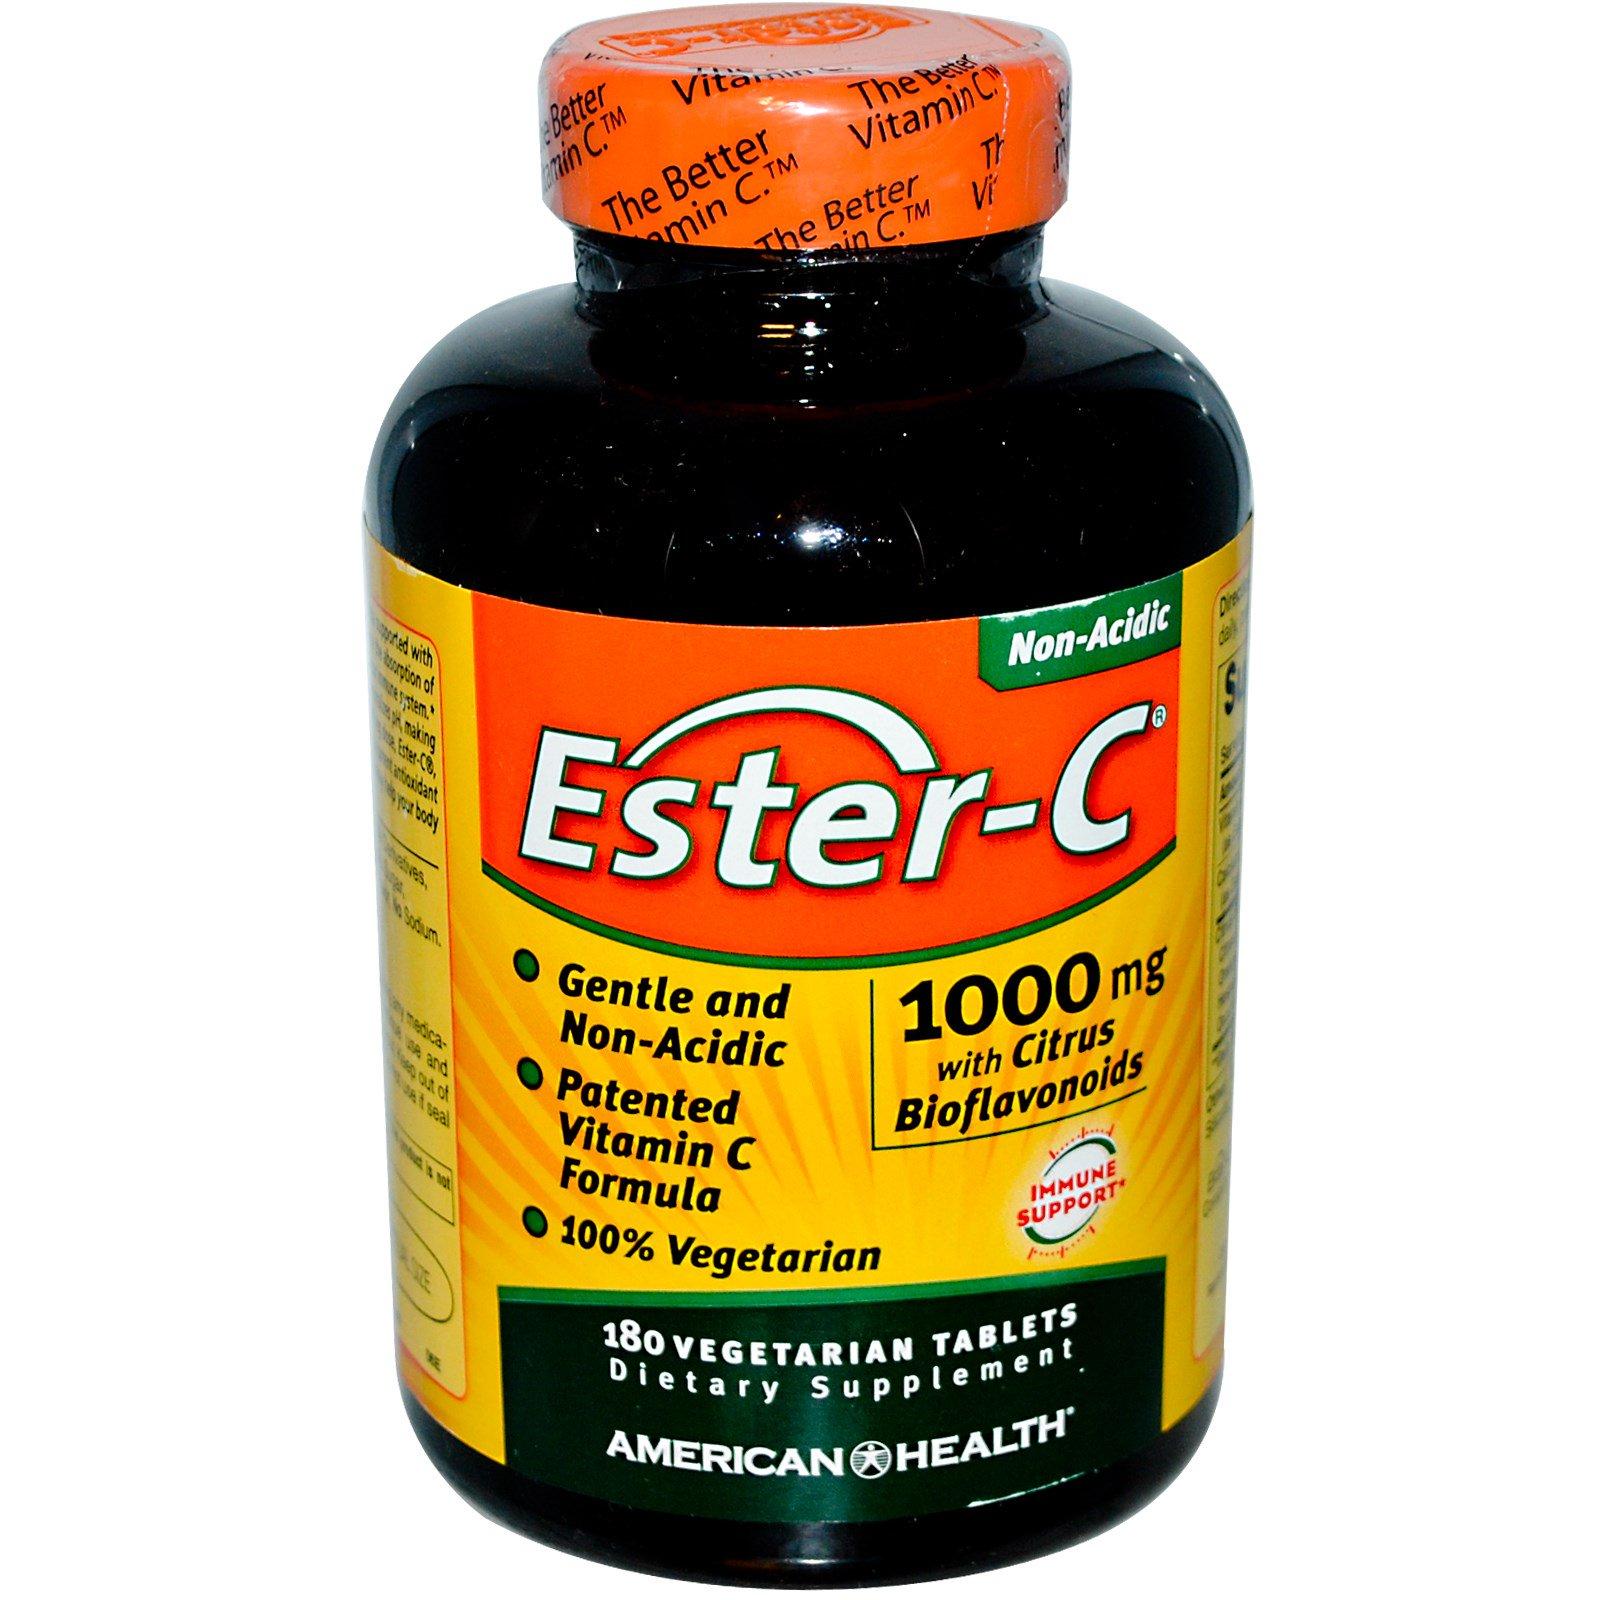 American Health, Эстер-C, 1000 мг с биофлавоноидами цитрусовых, 180 таблеток на растительной основе